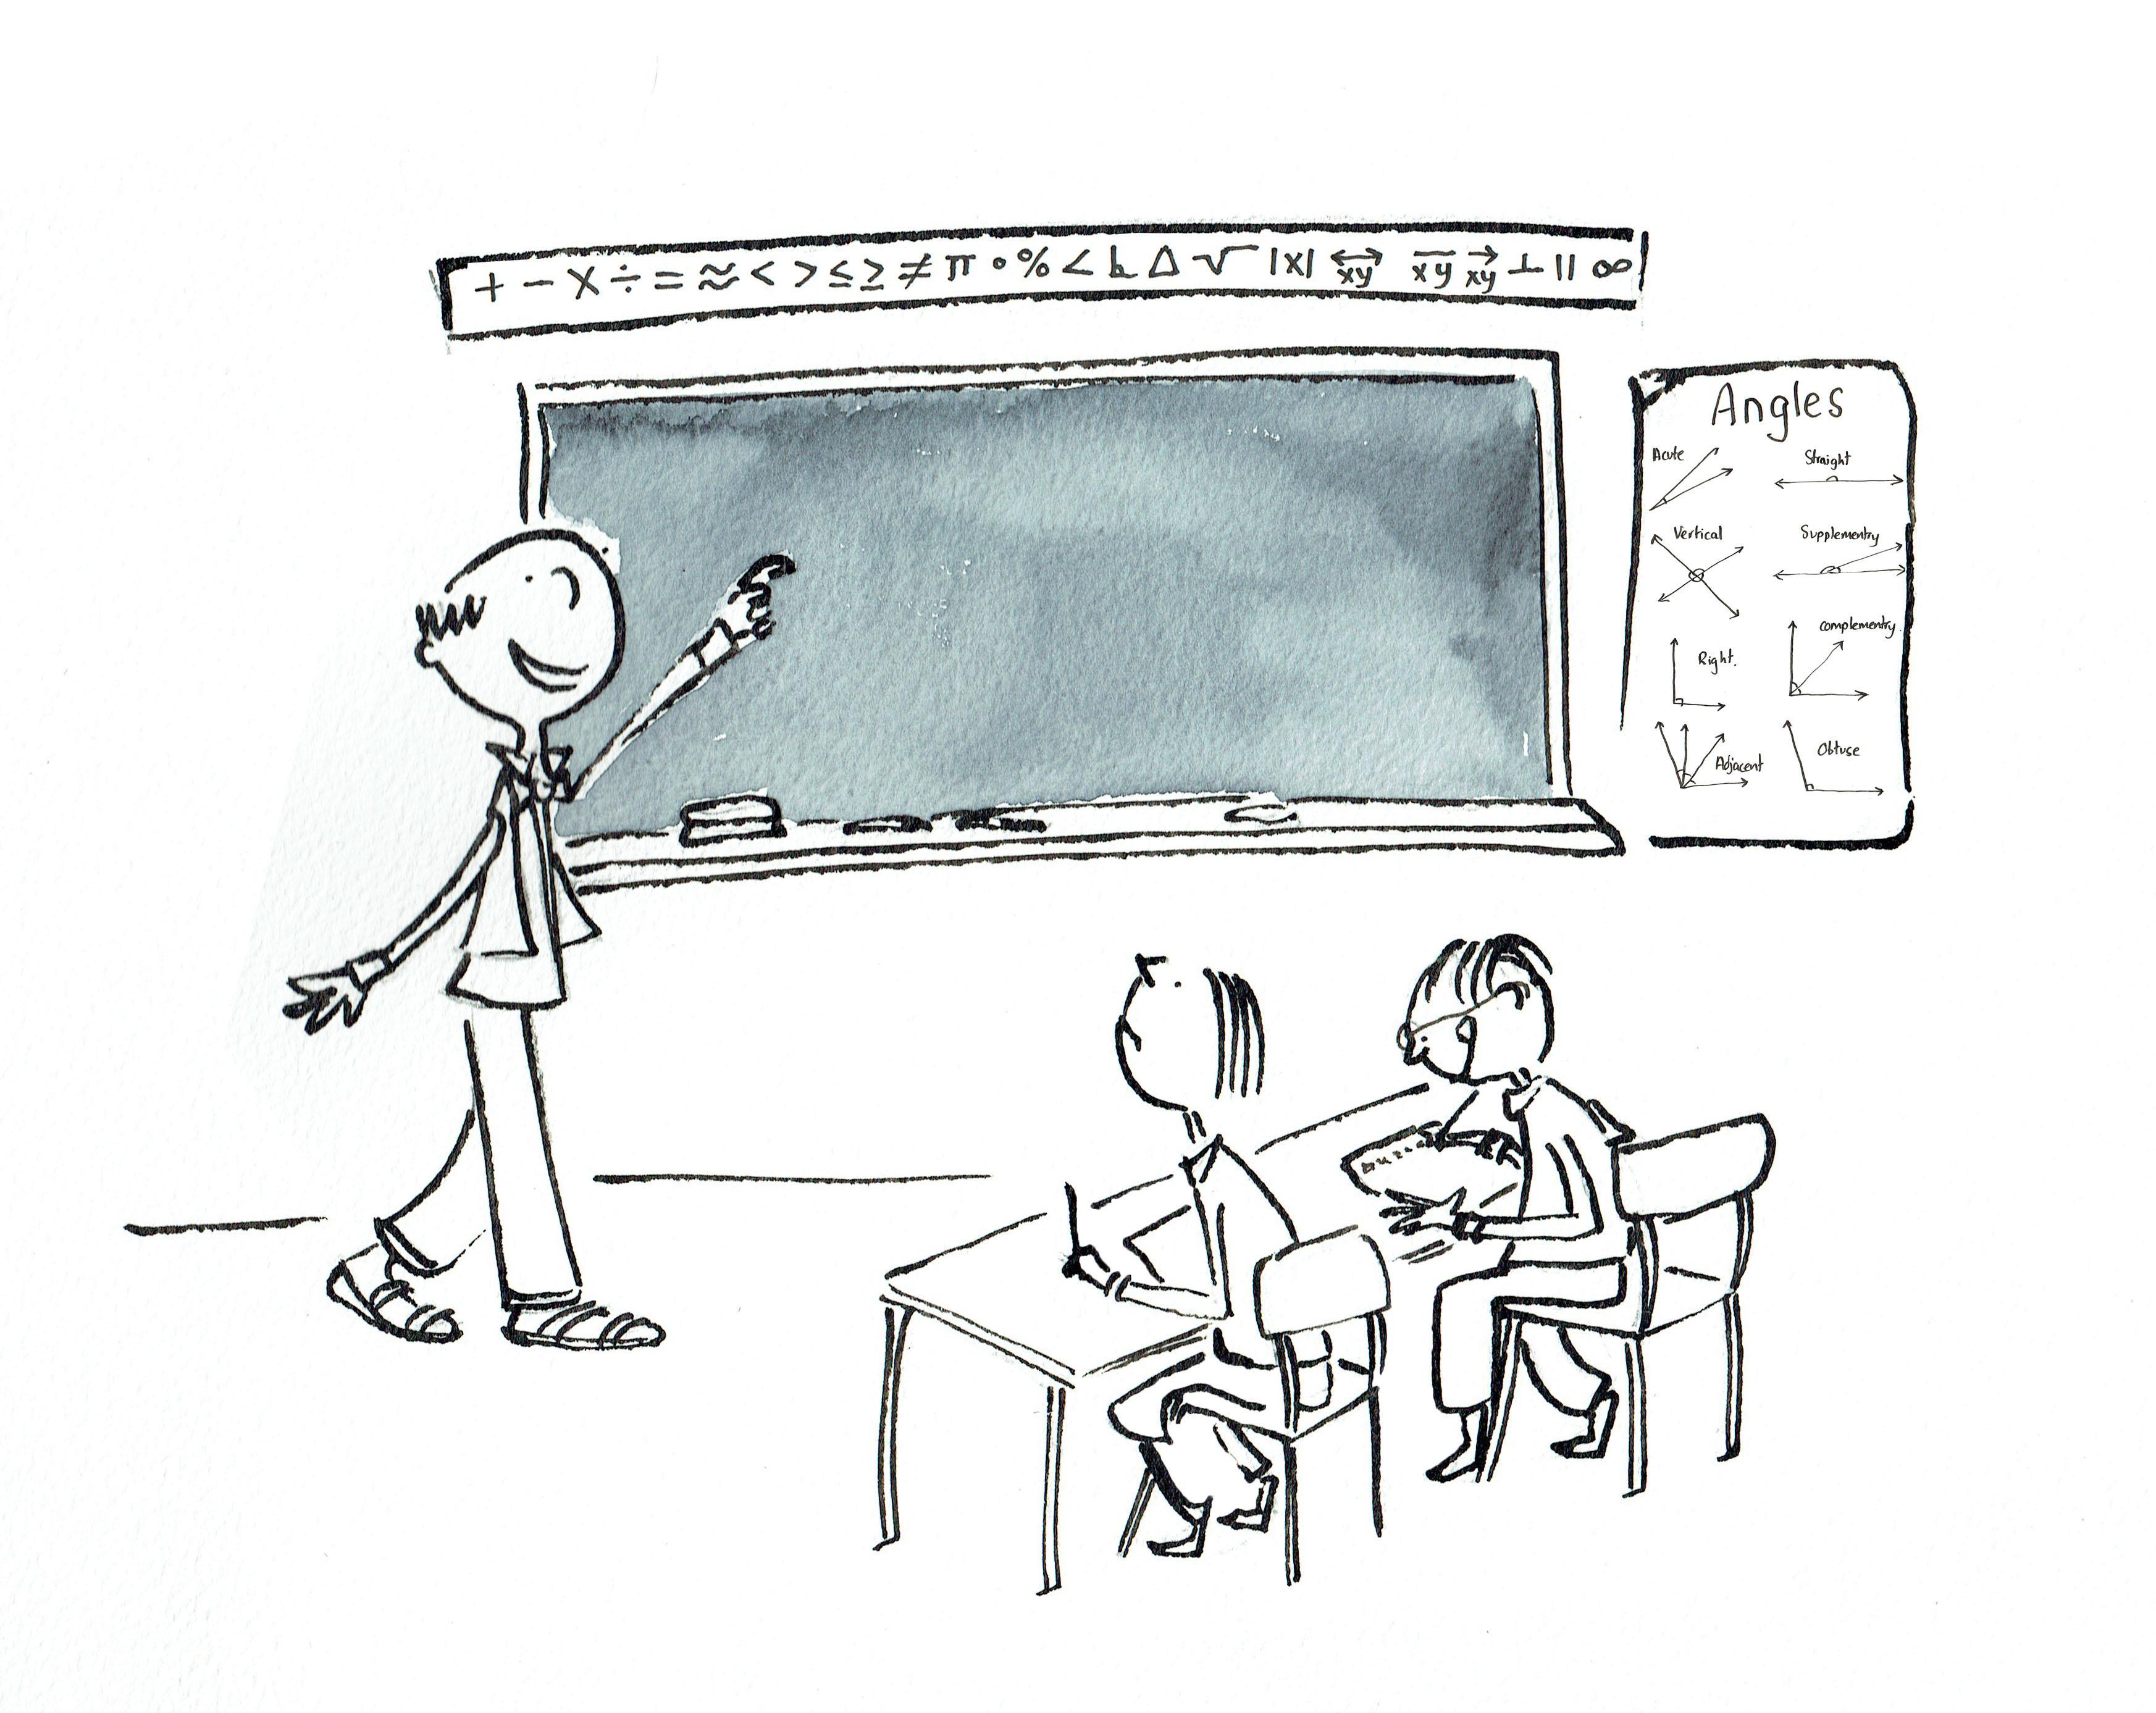 maths class blackboard